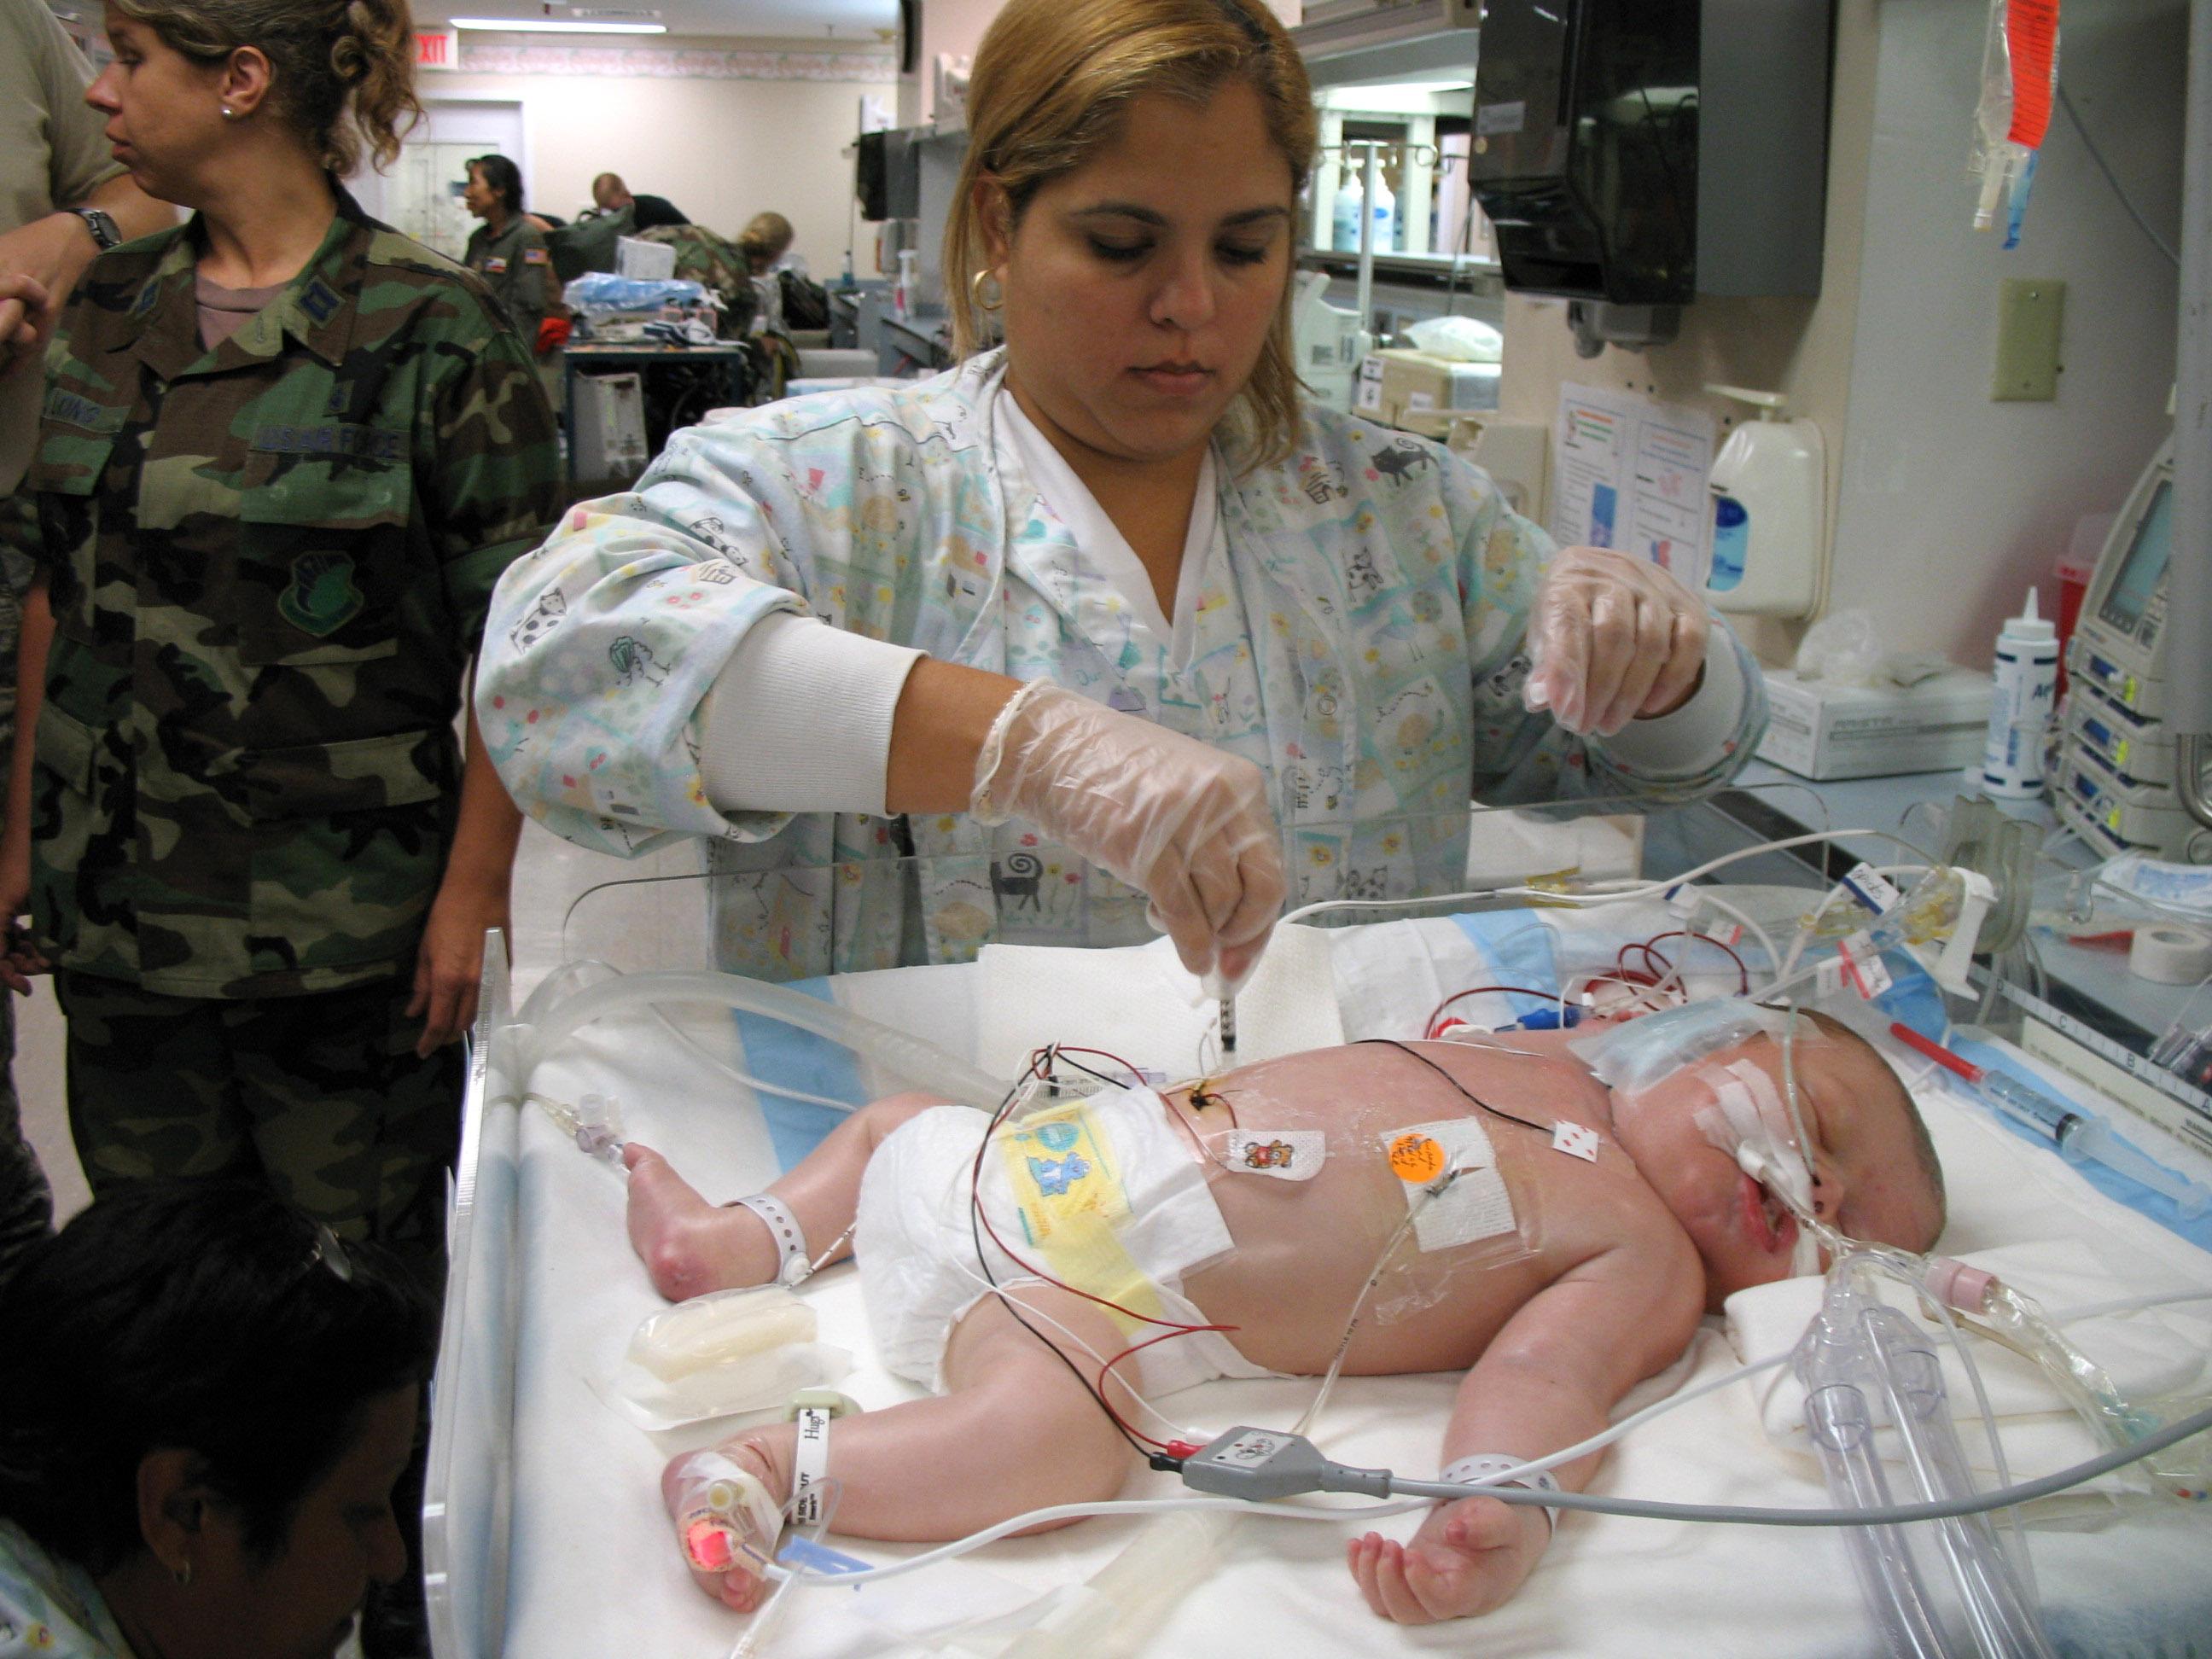 Hopkins Care Center Nursing Home